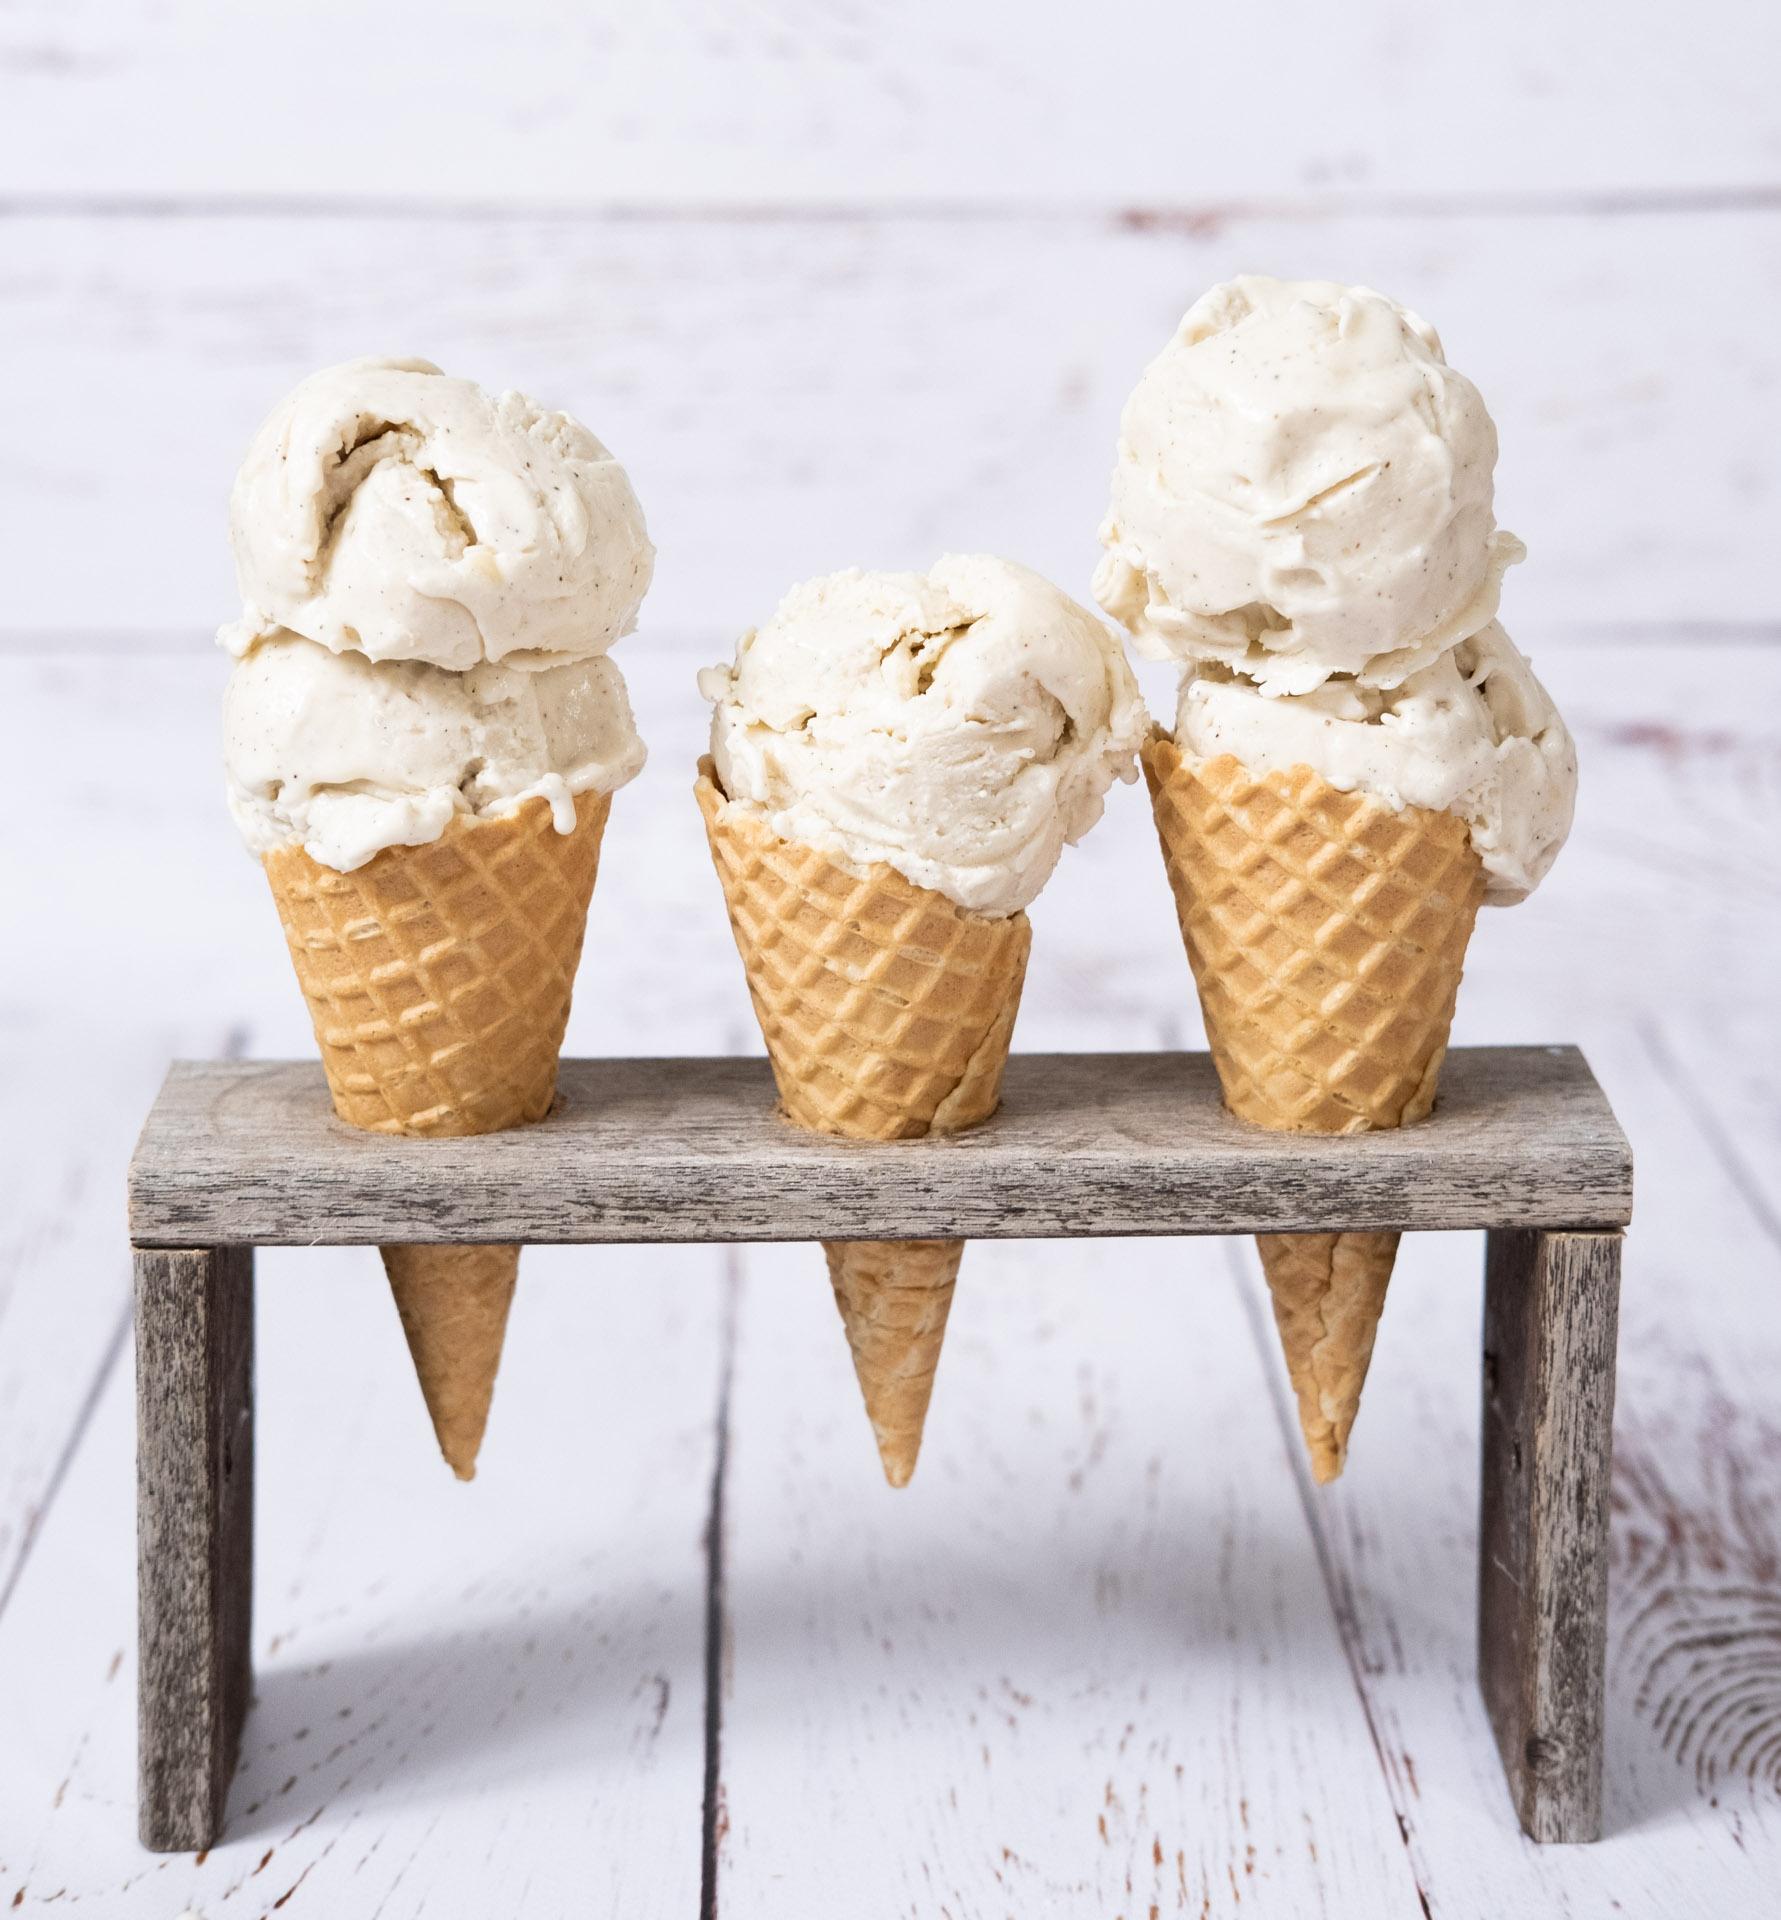 Vegansk gräddglass vaniljglass recept